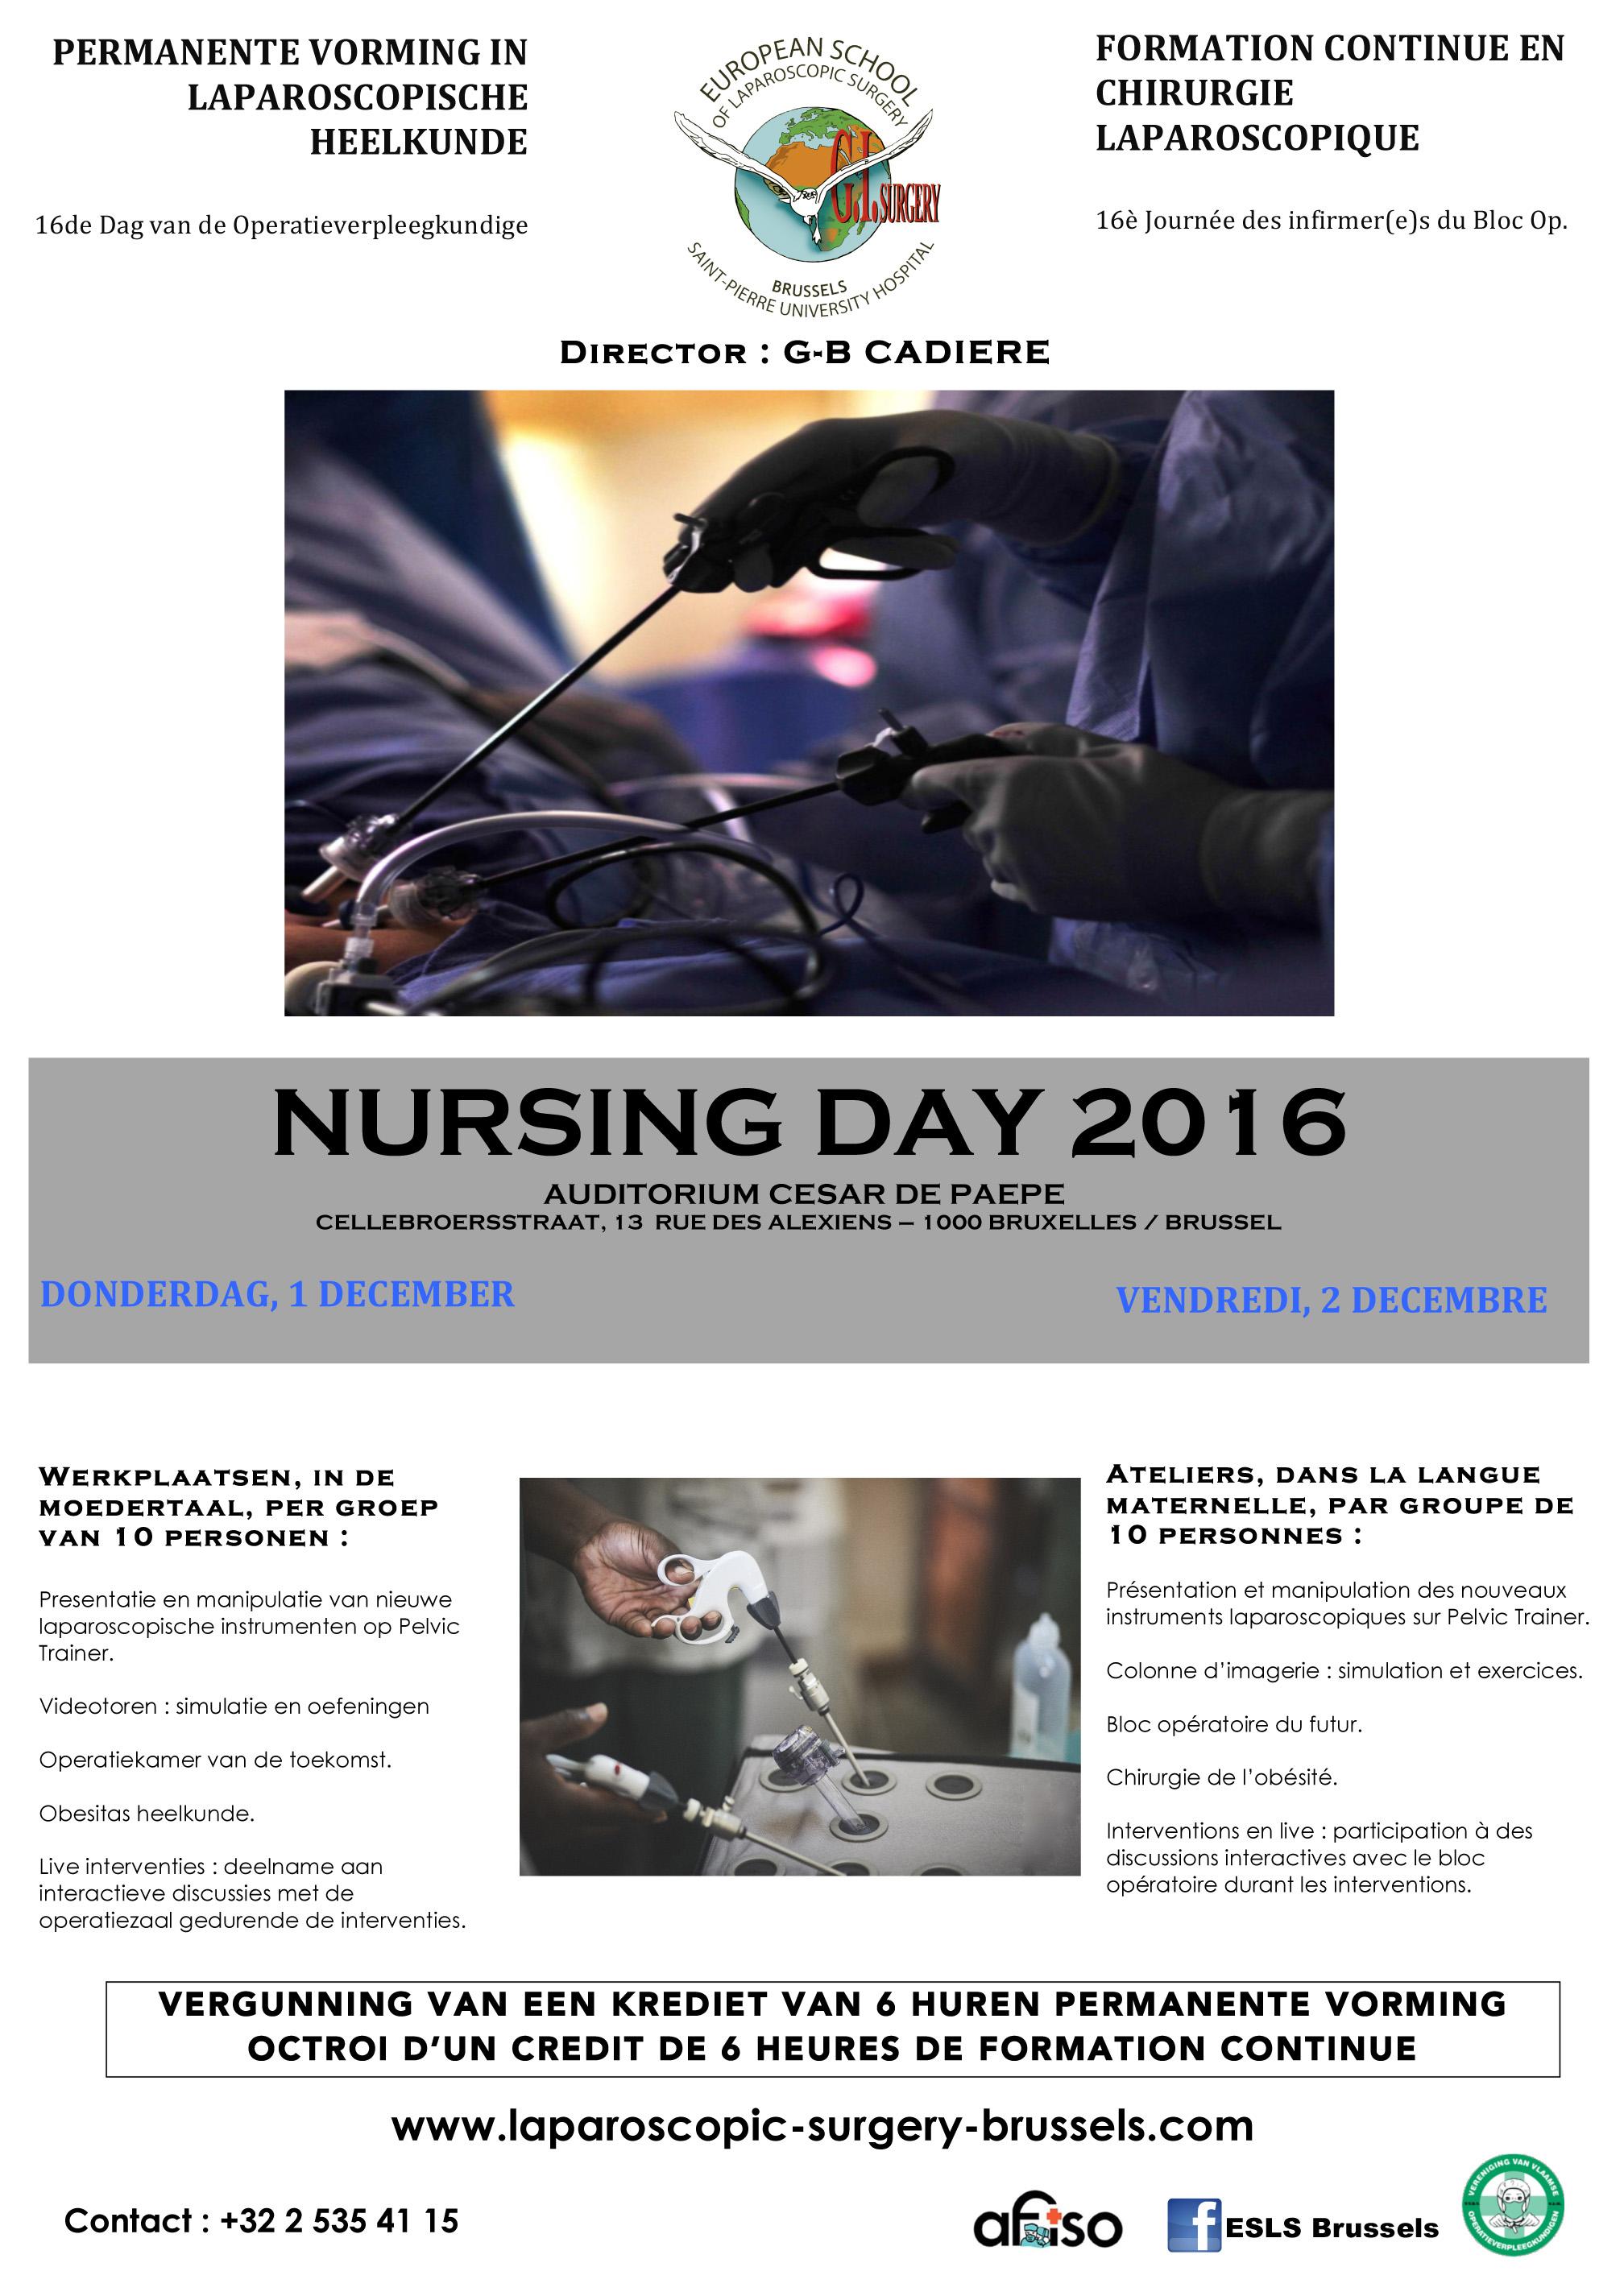 2 décembre 2016 - Formation continue en laparoscopie